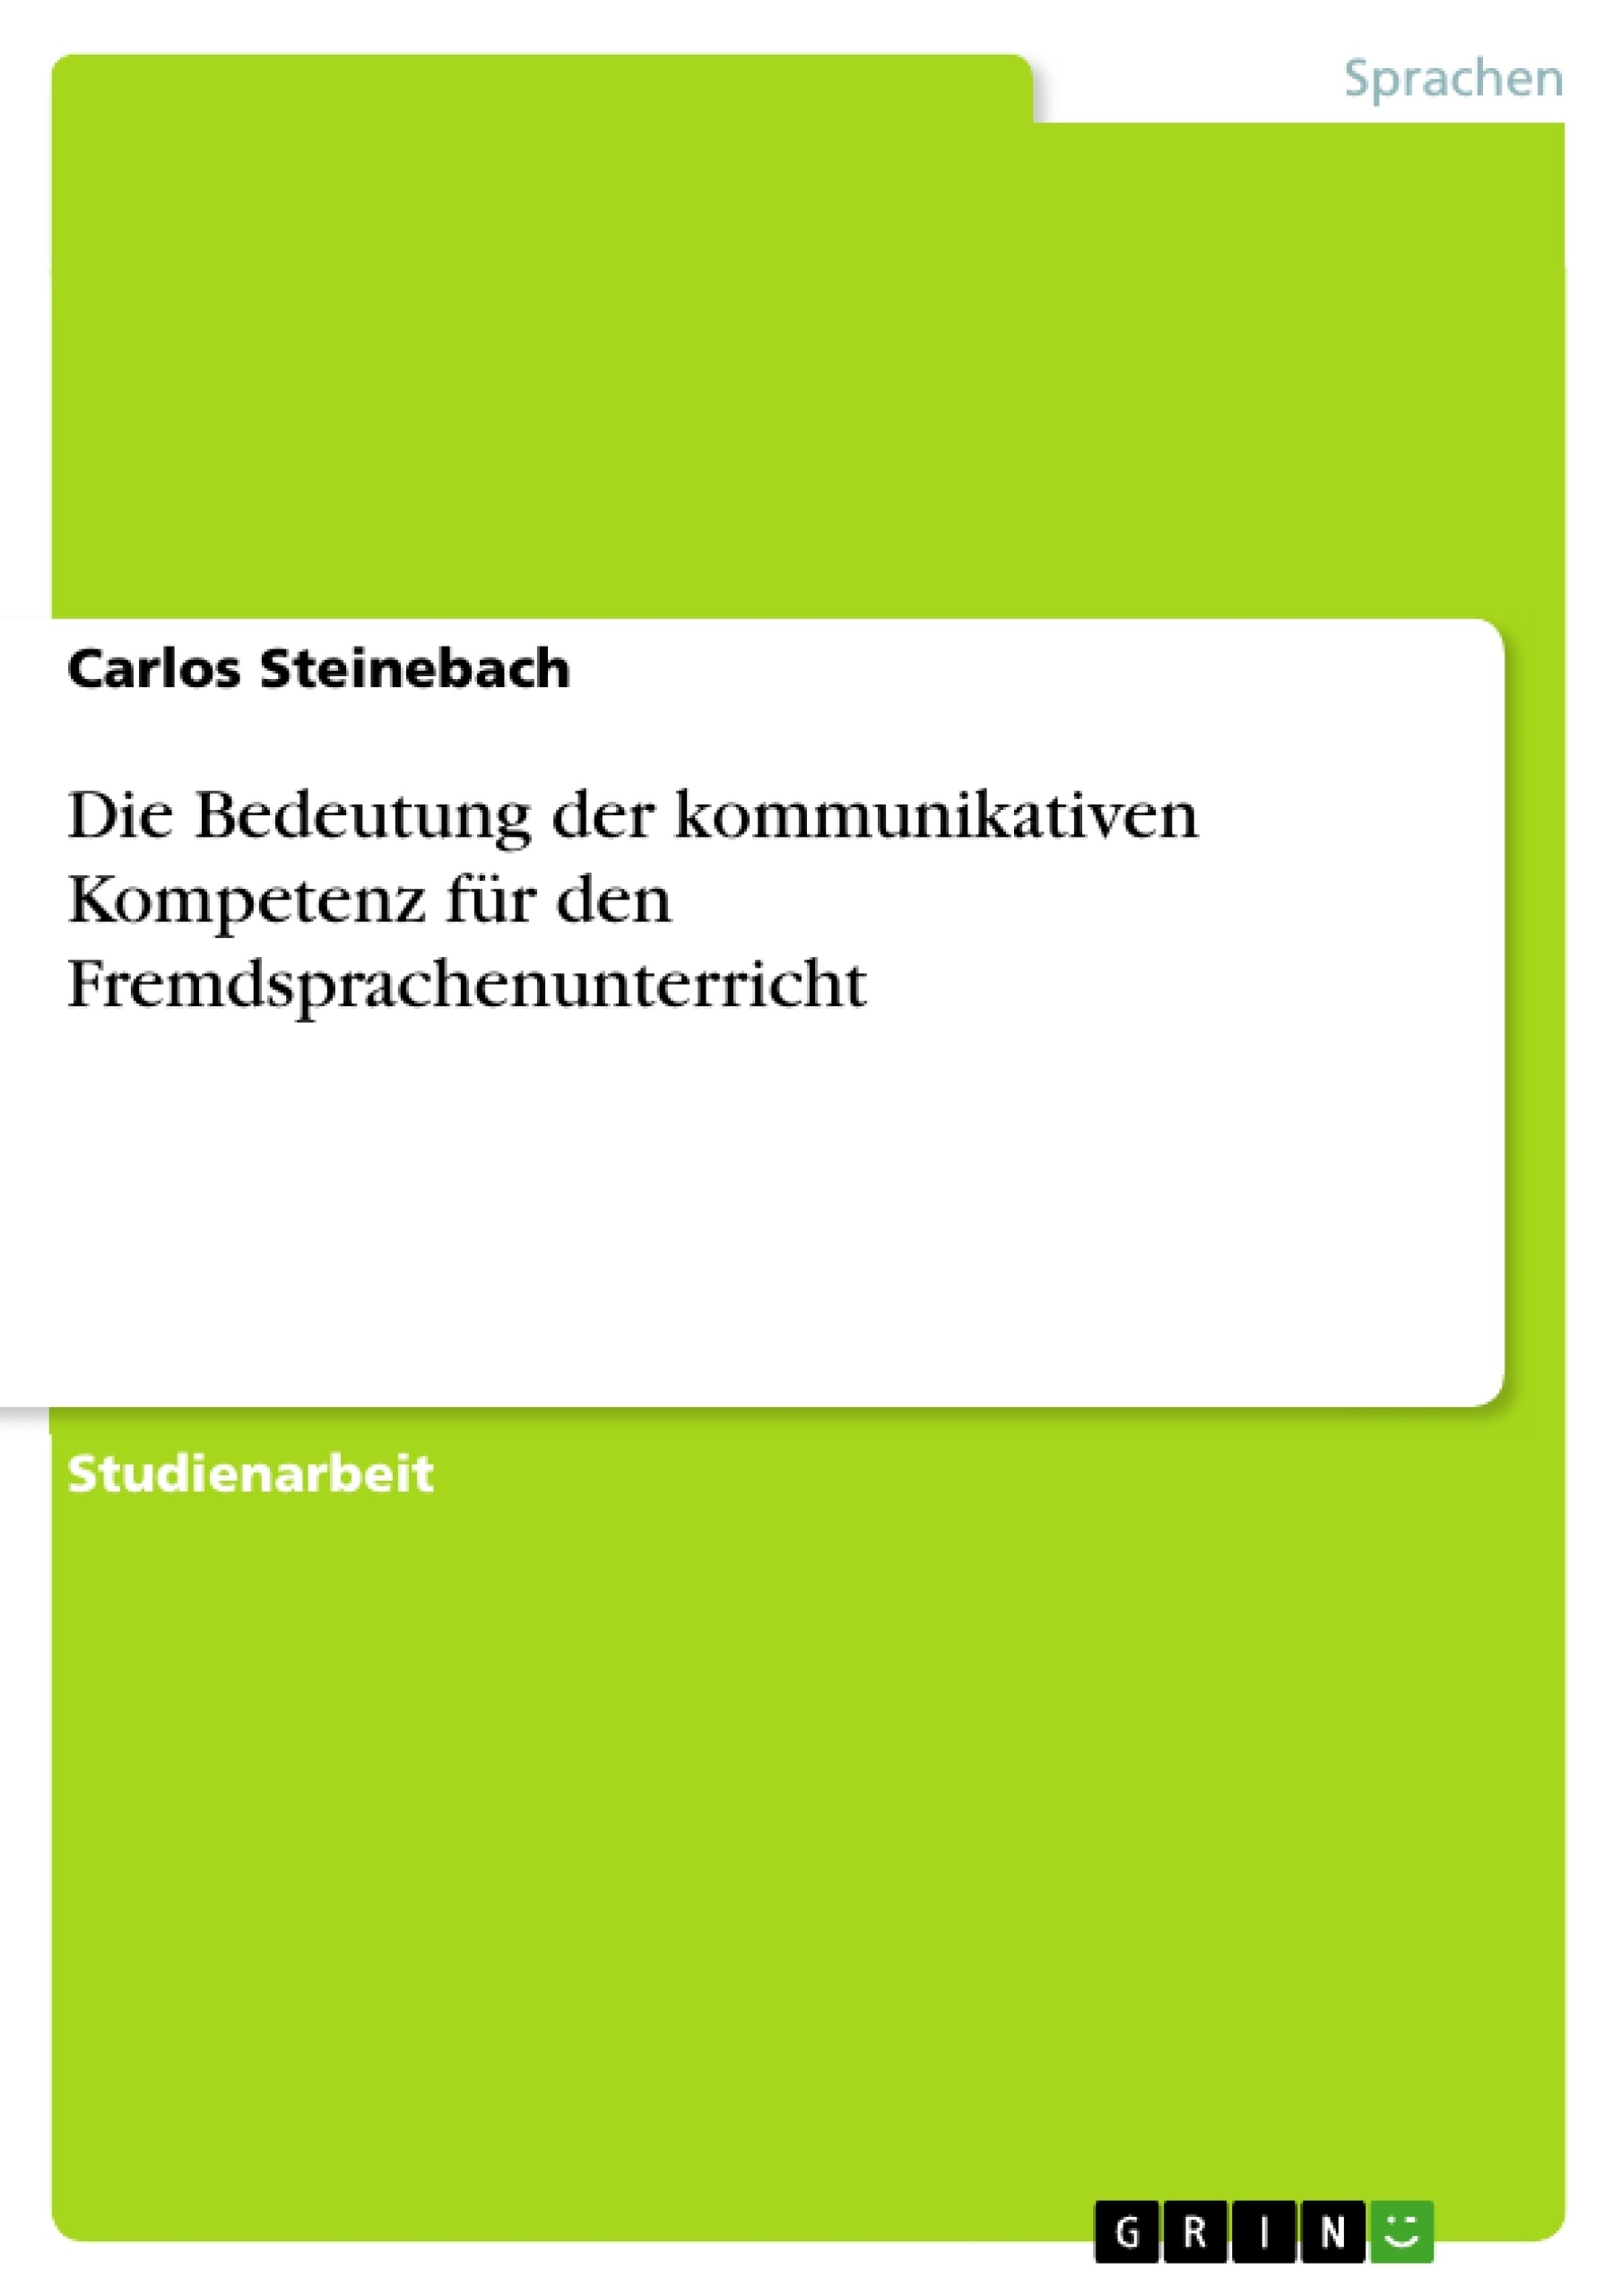 Titel: Die Bedeutung der kommunikativen Kompetenz für den Fremdsprachenunterricht